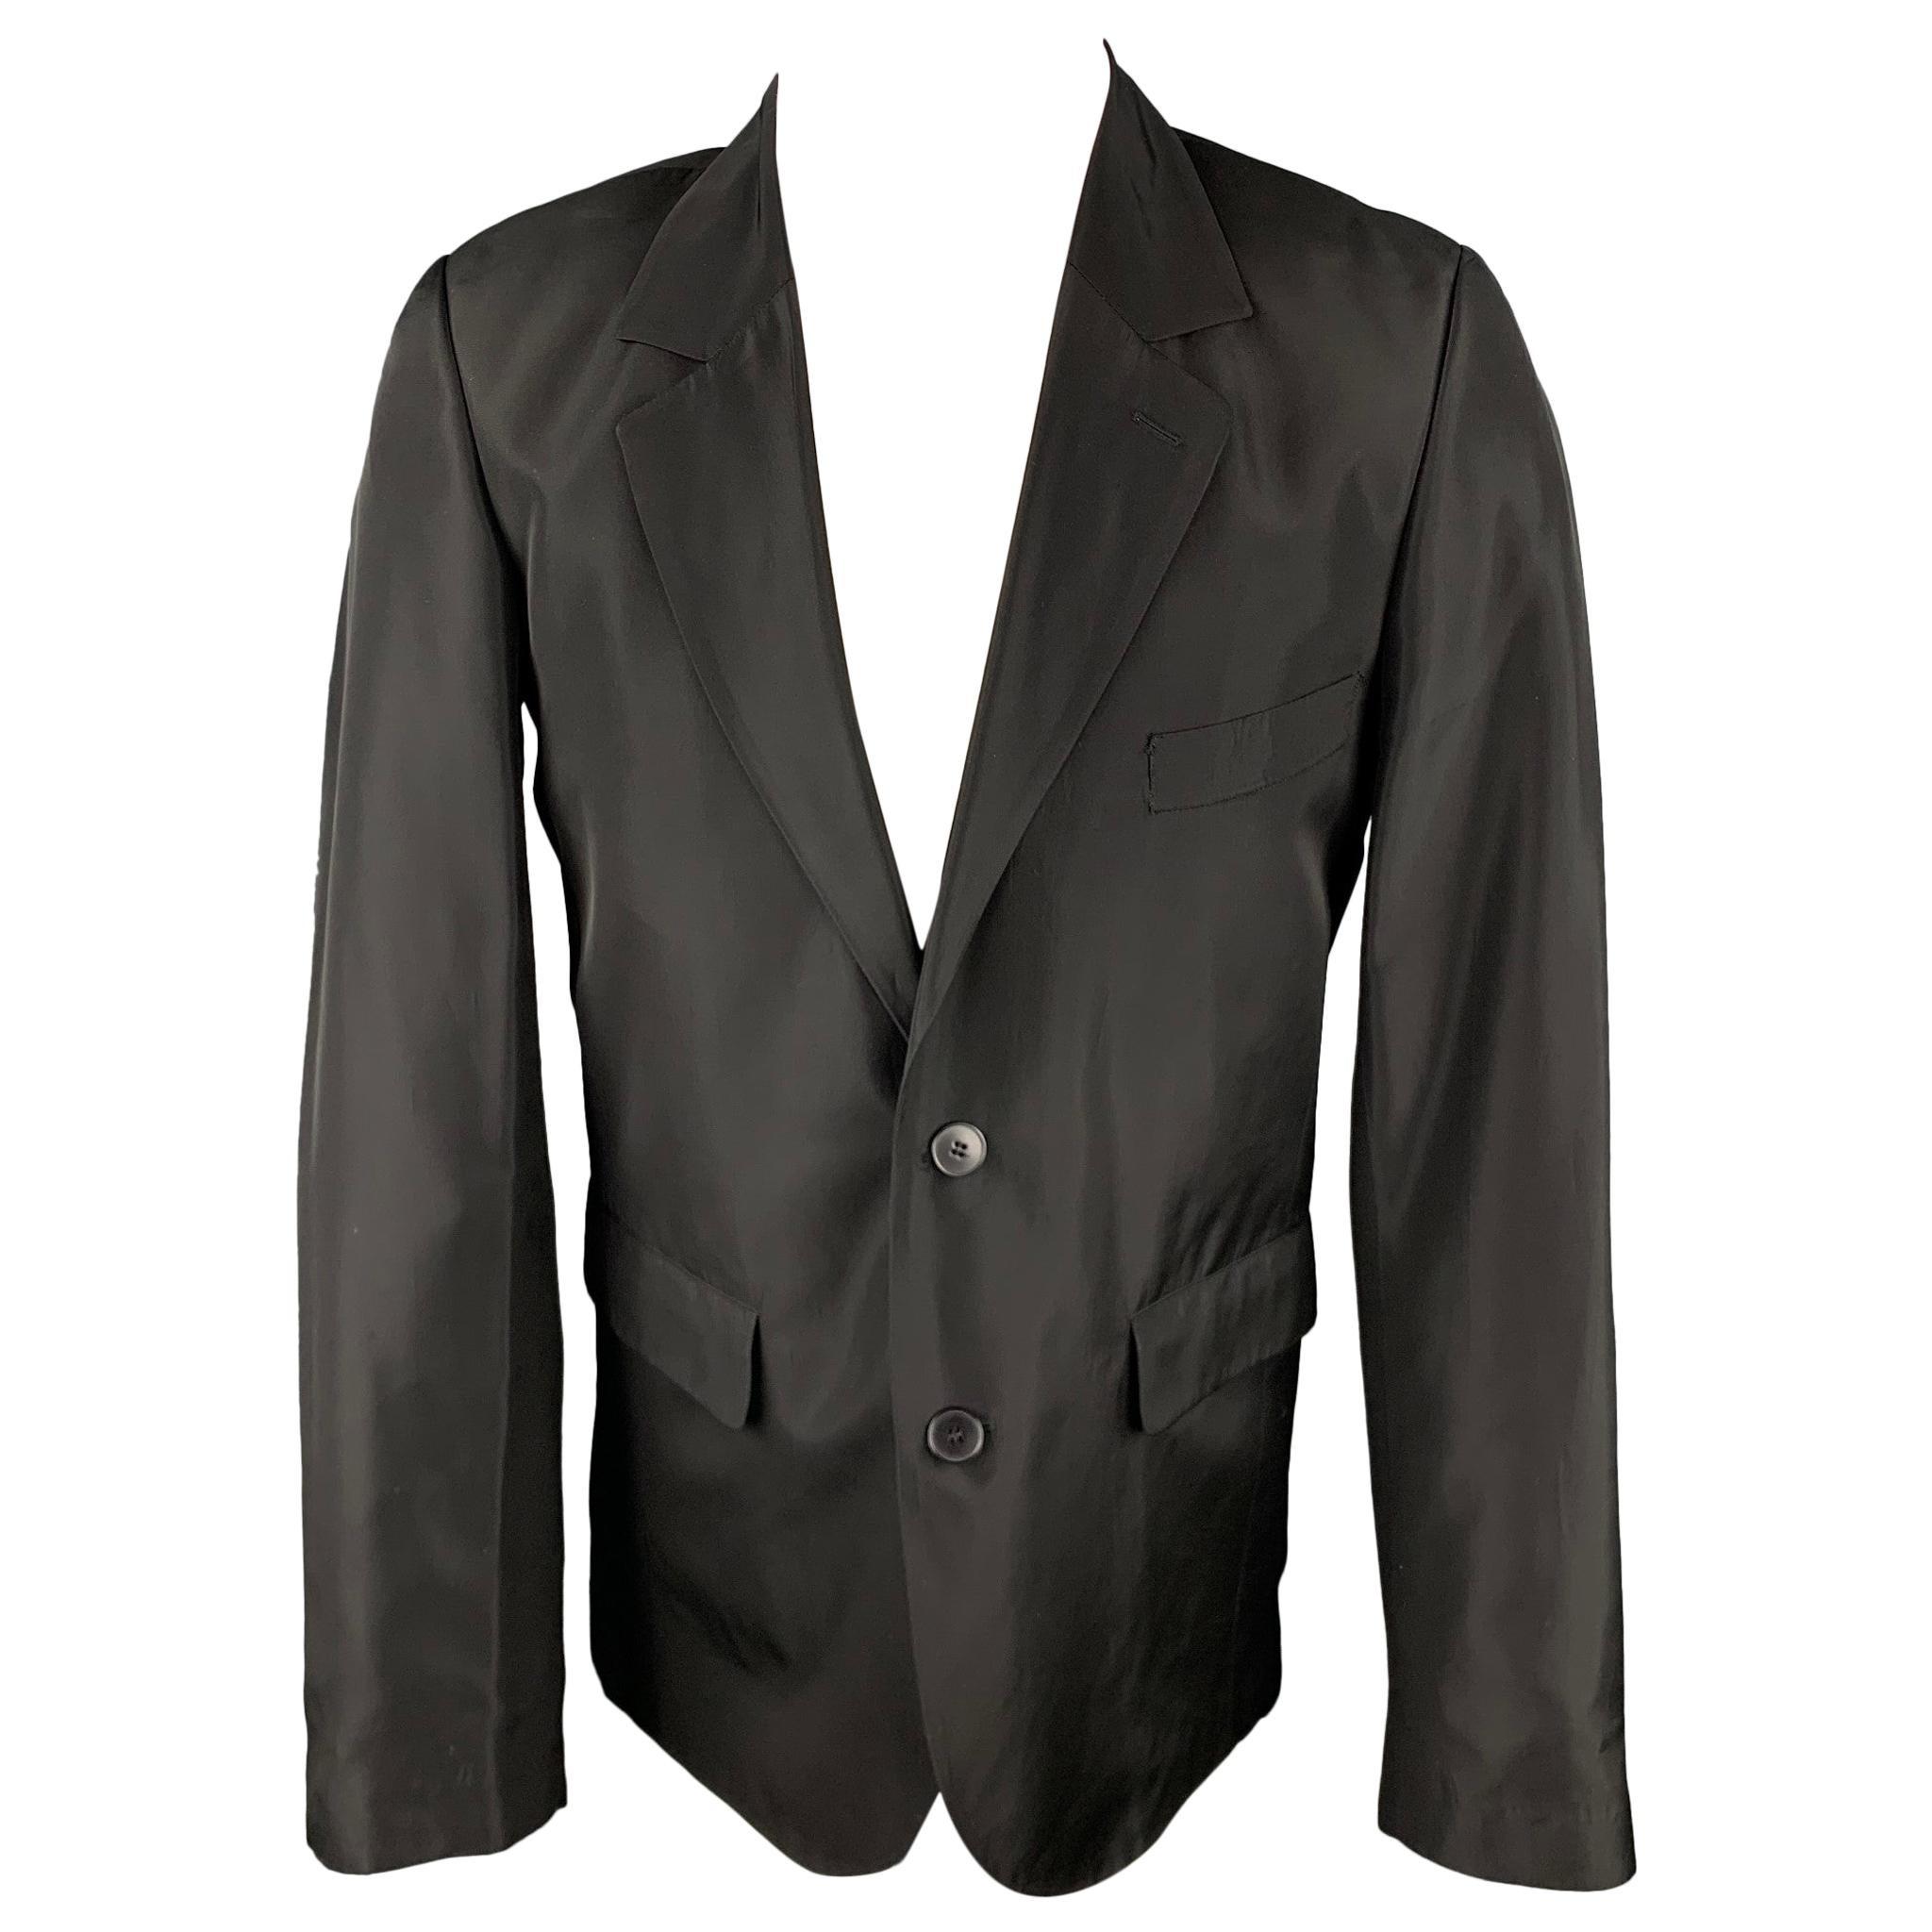 AGNES B. Size 38 Black Acetate Notch Lapel Sport Coat